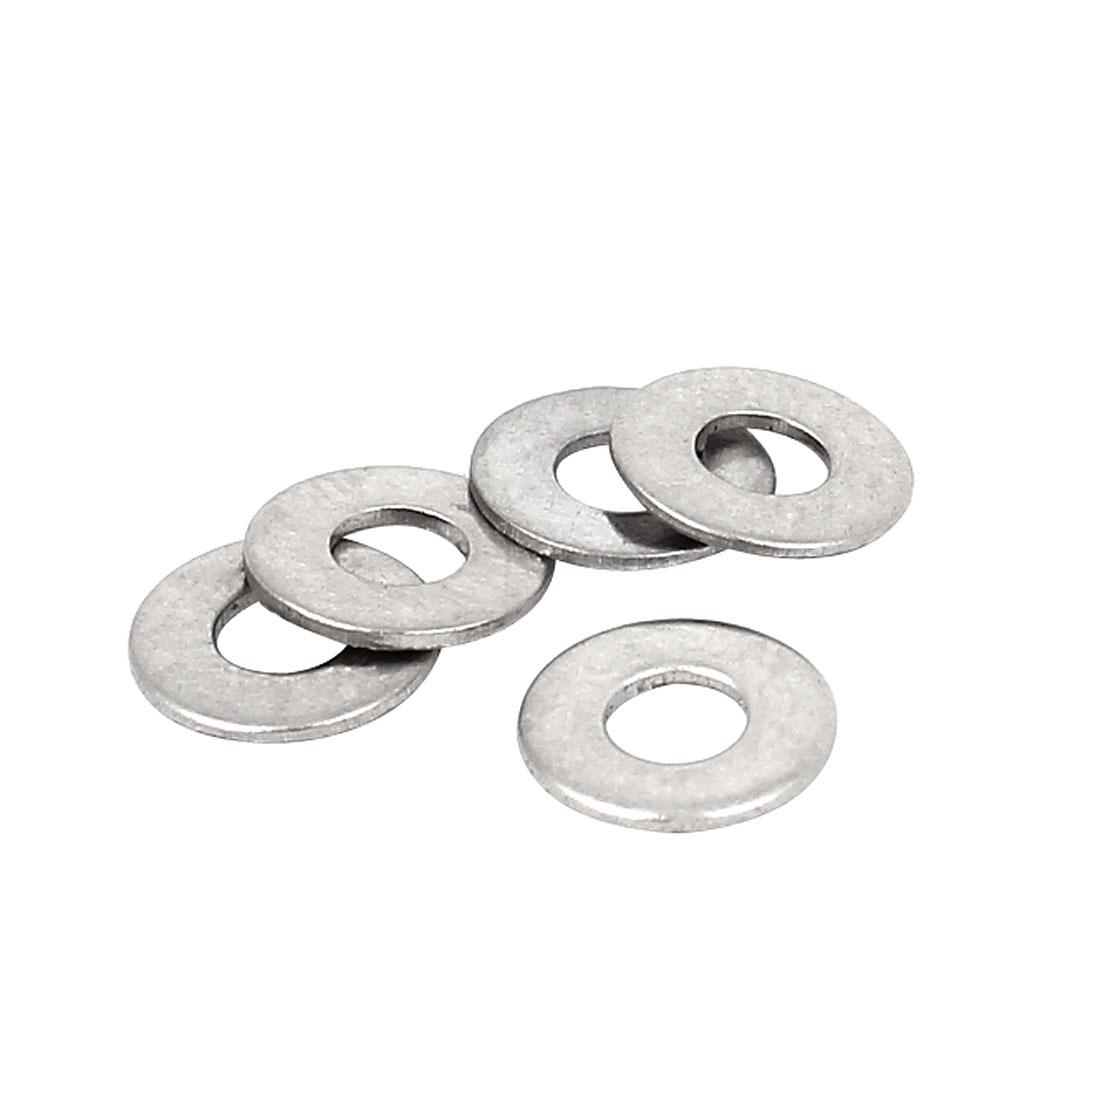 Screws 3mm x 7mm x 0.5 mm Metal Screw Washer 50 Pcs !